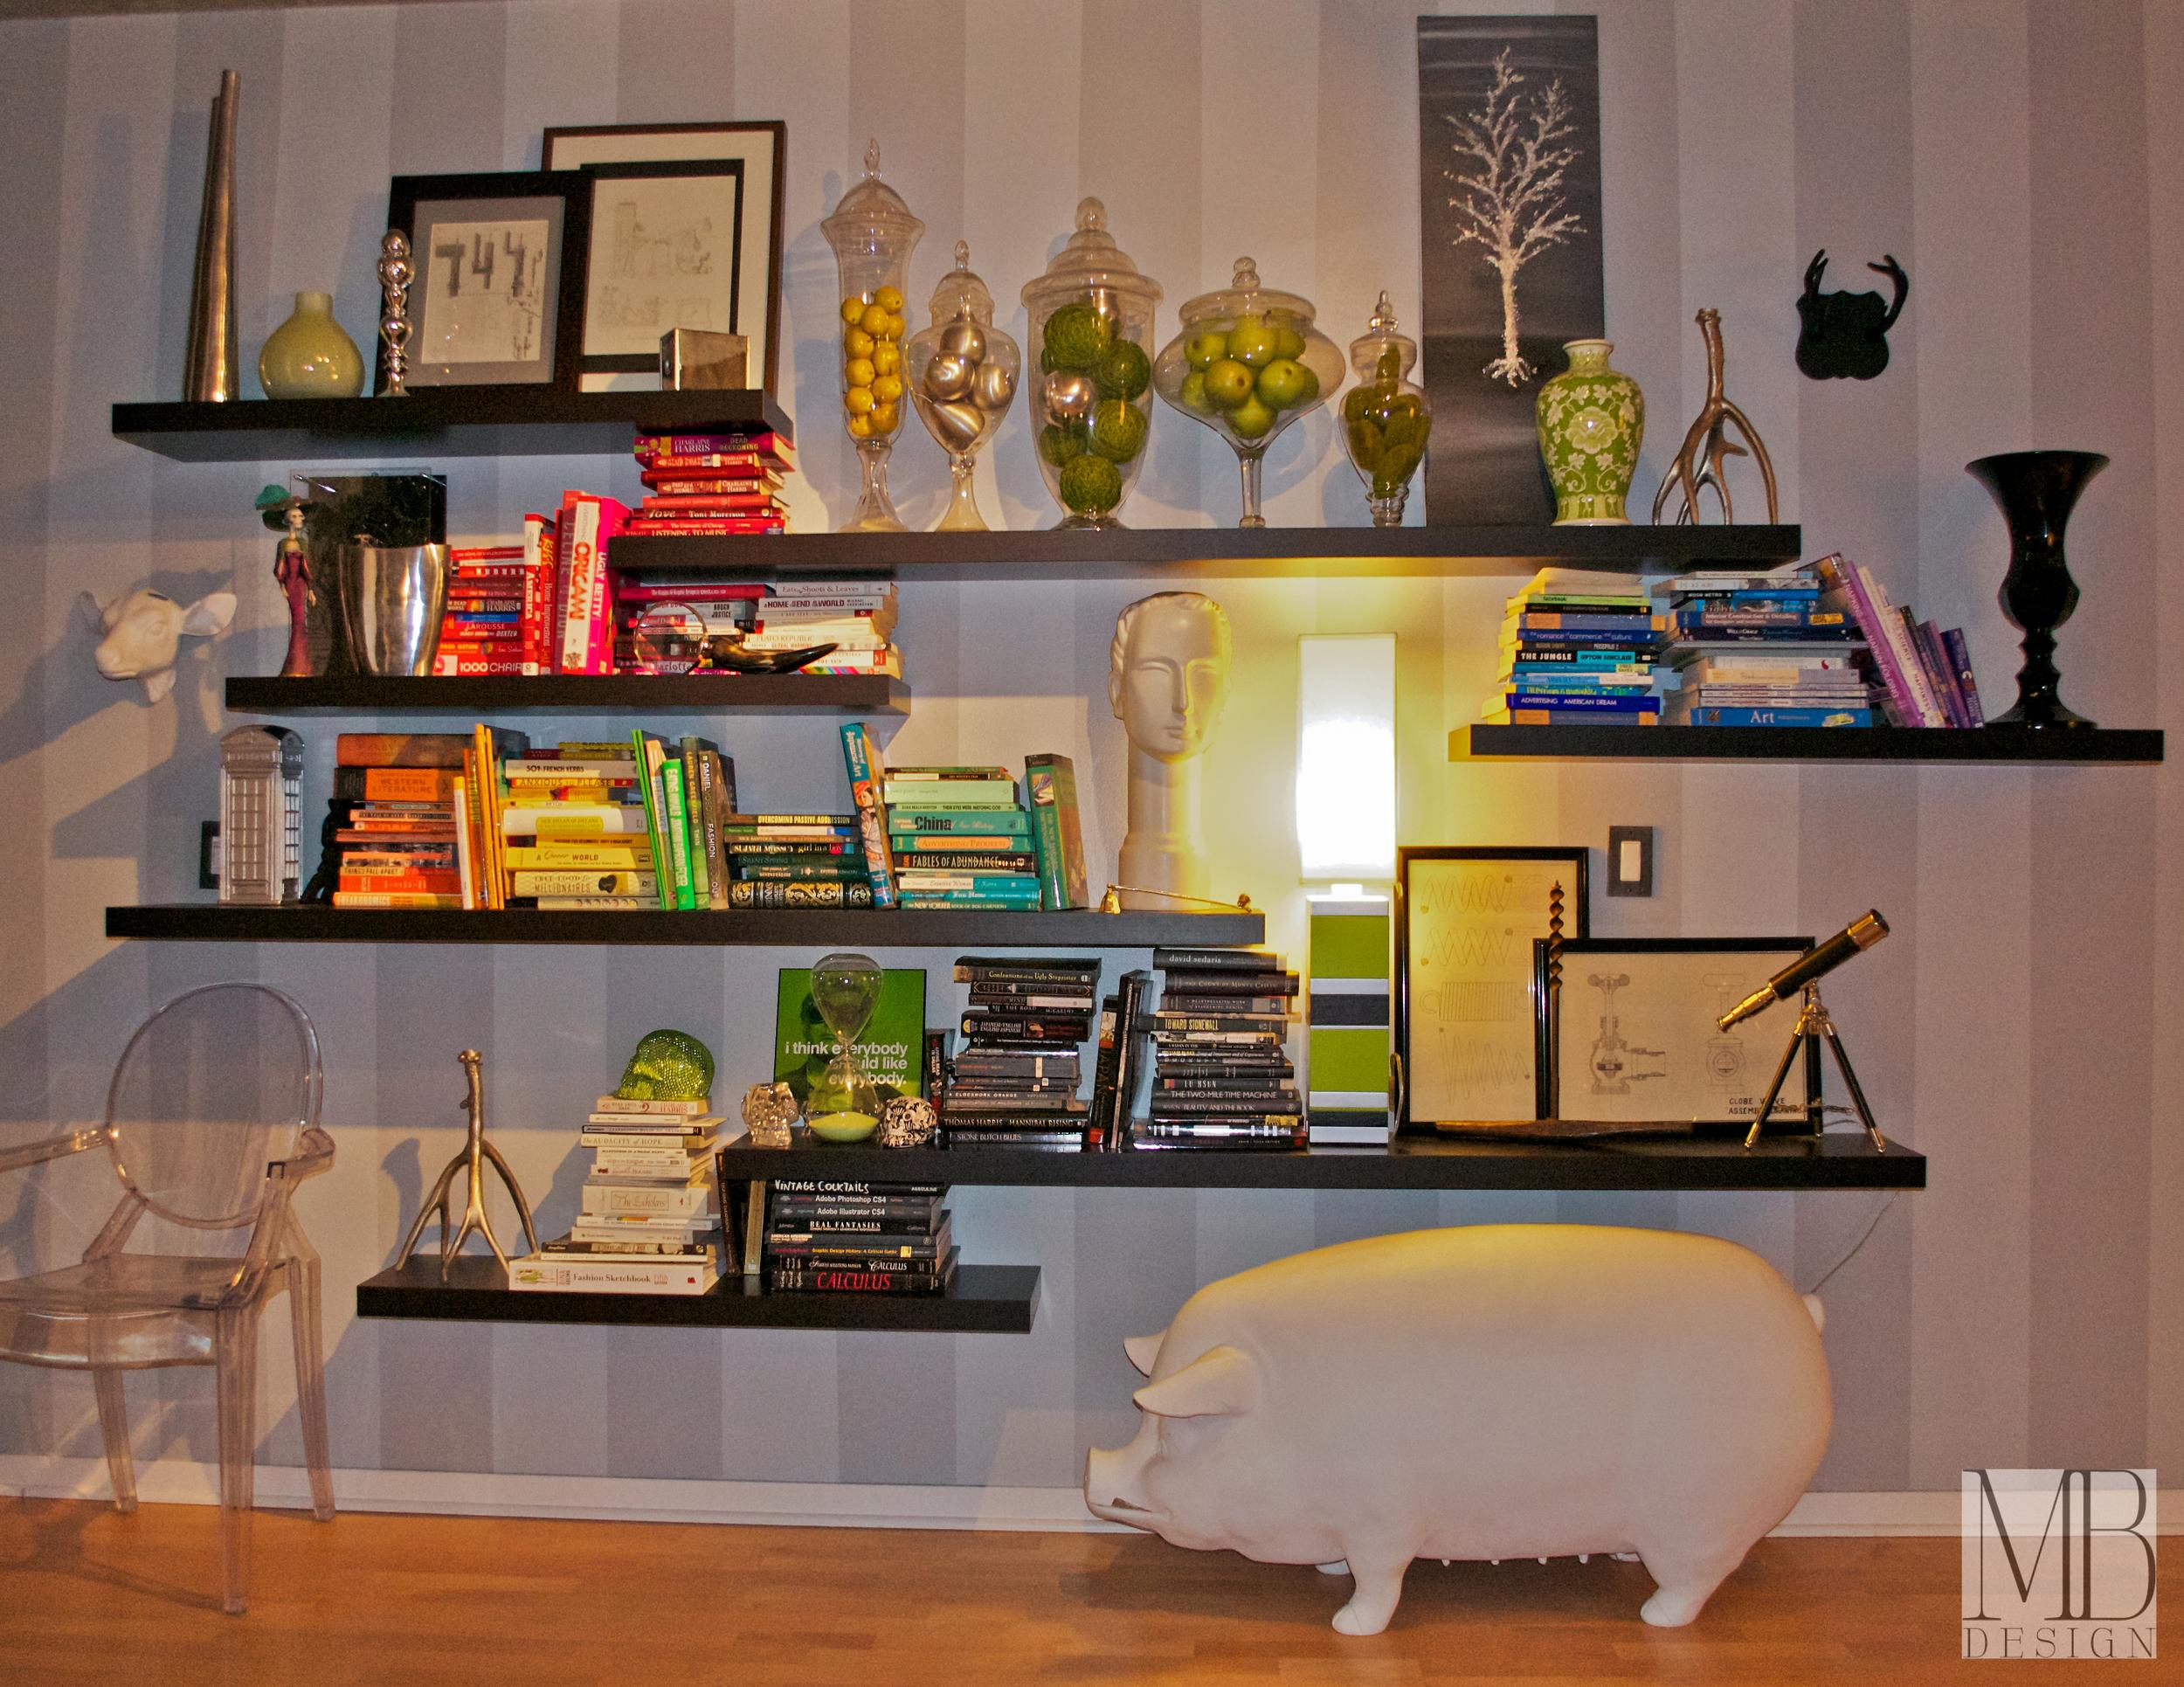 Wall of Shelves